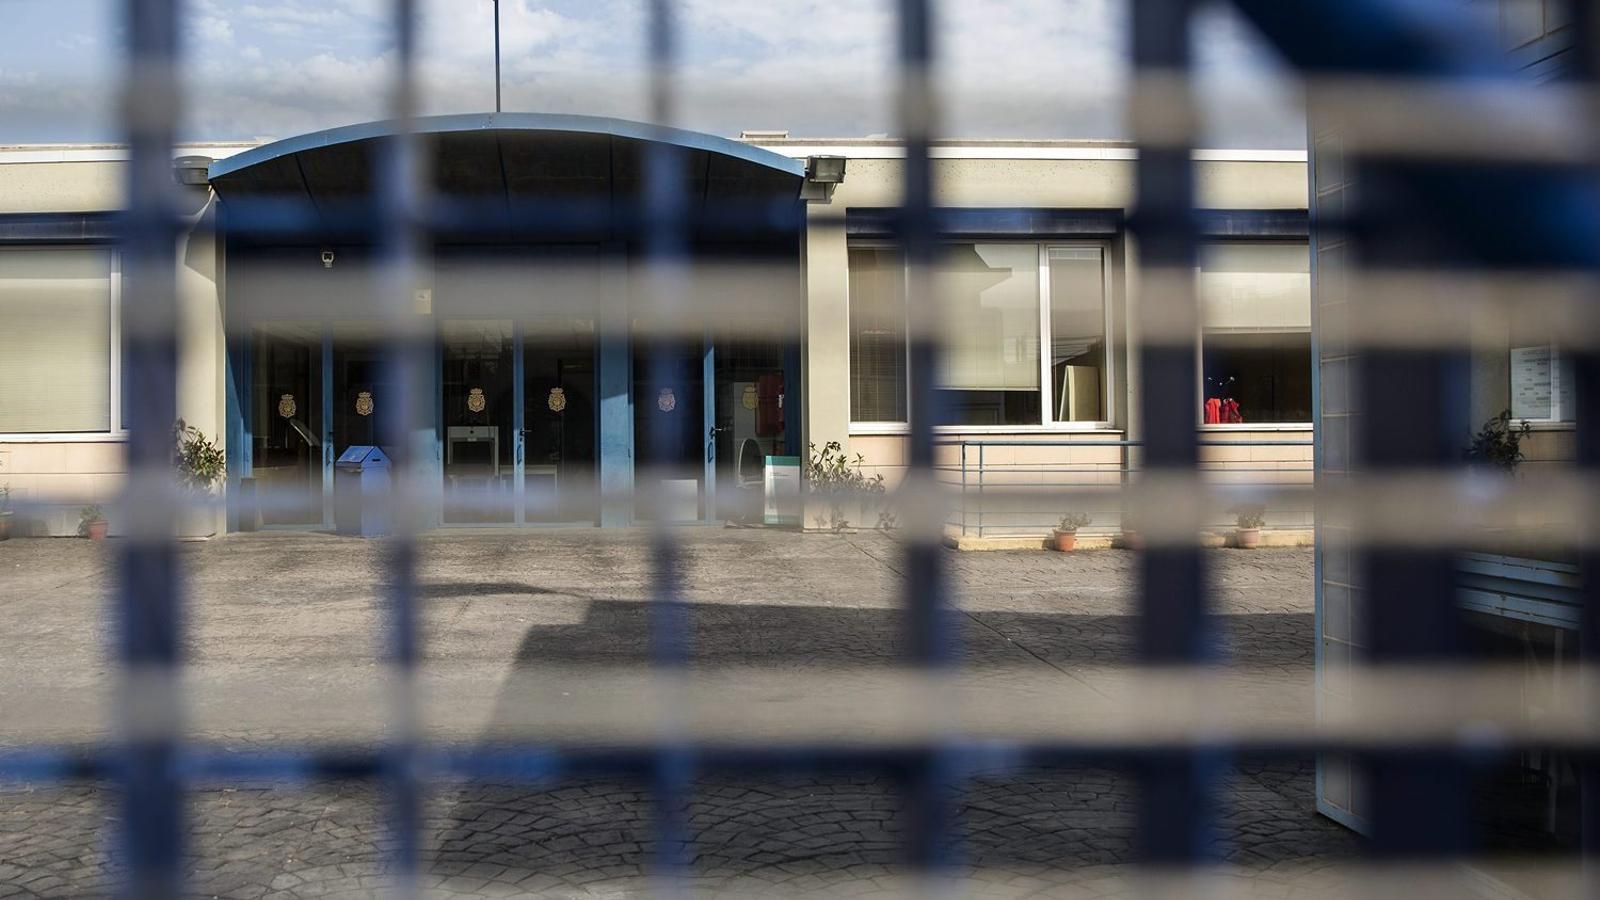 Detecten més menors que mai al CIE de la Zona Franca aquest 2018